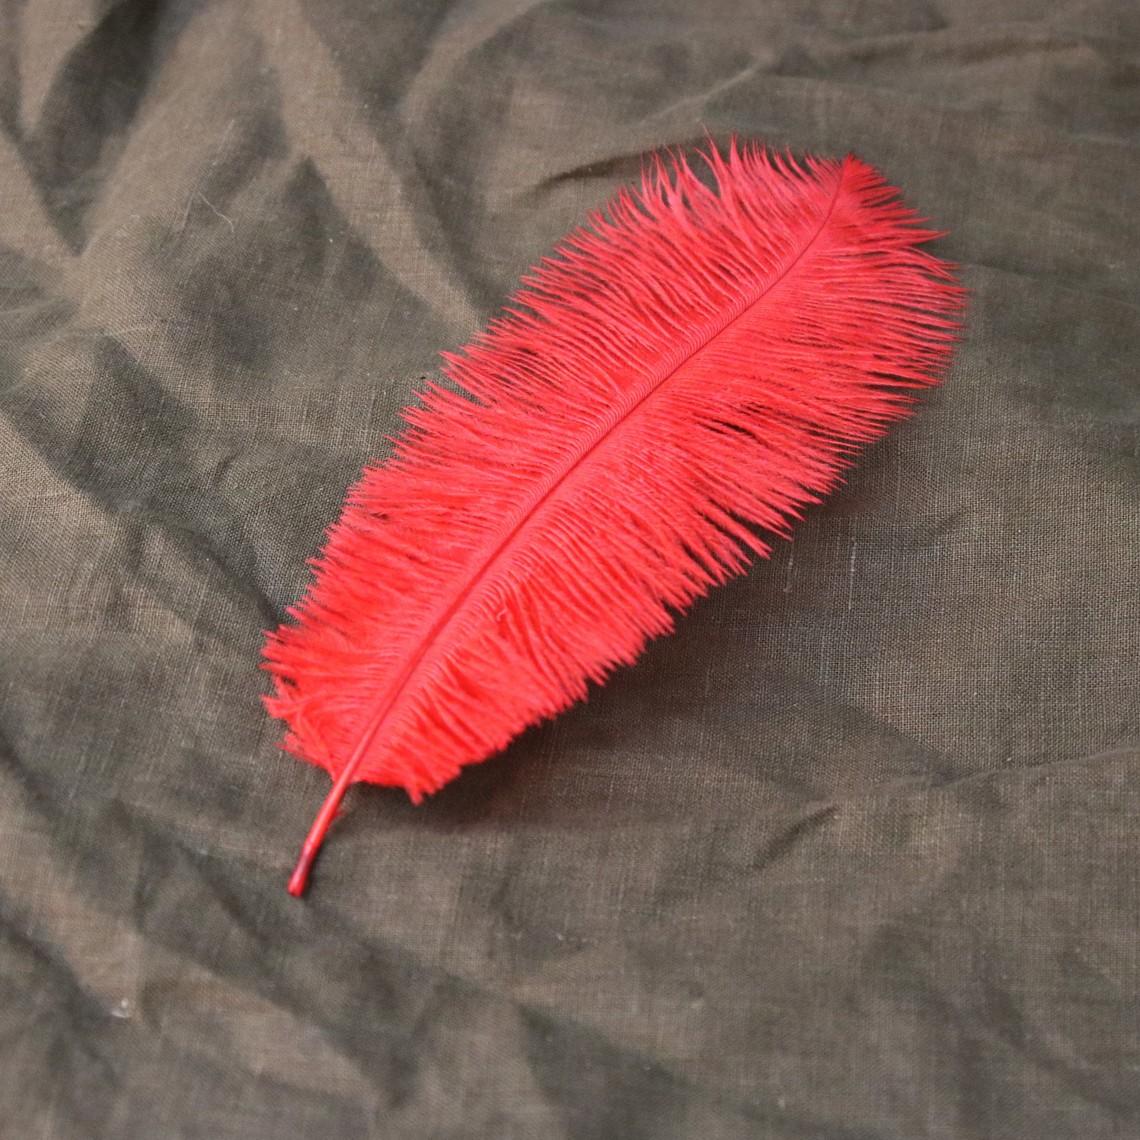 piuma rossa, 20-25 cm